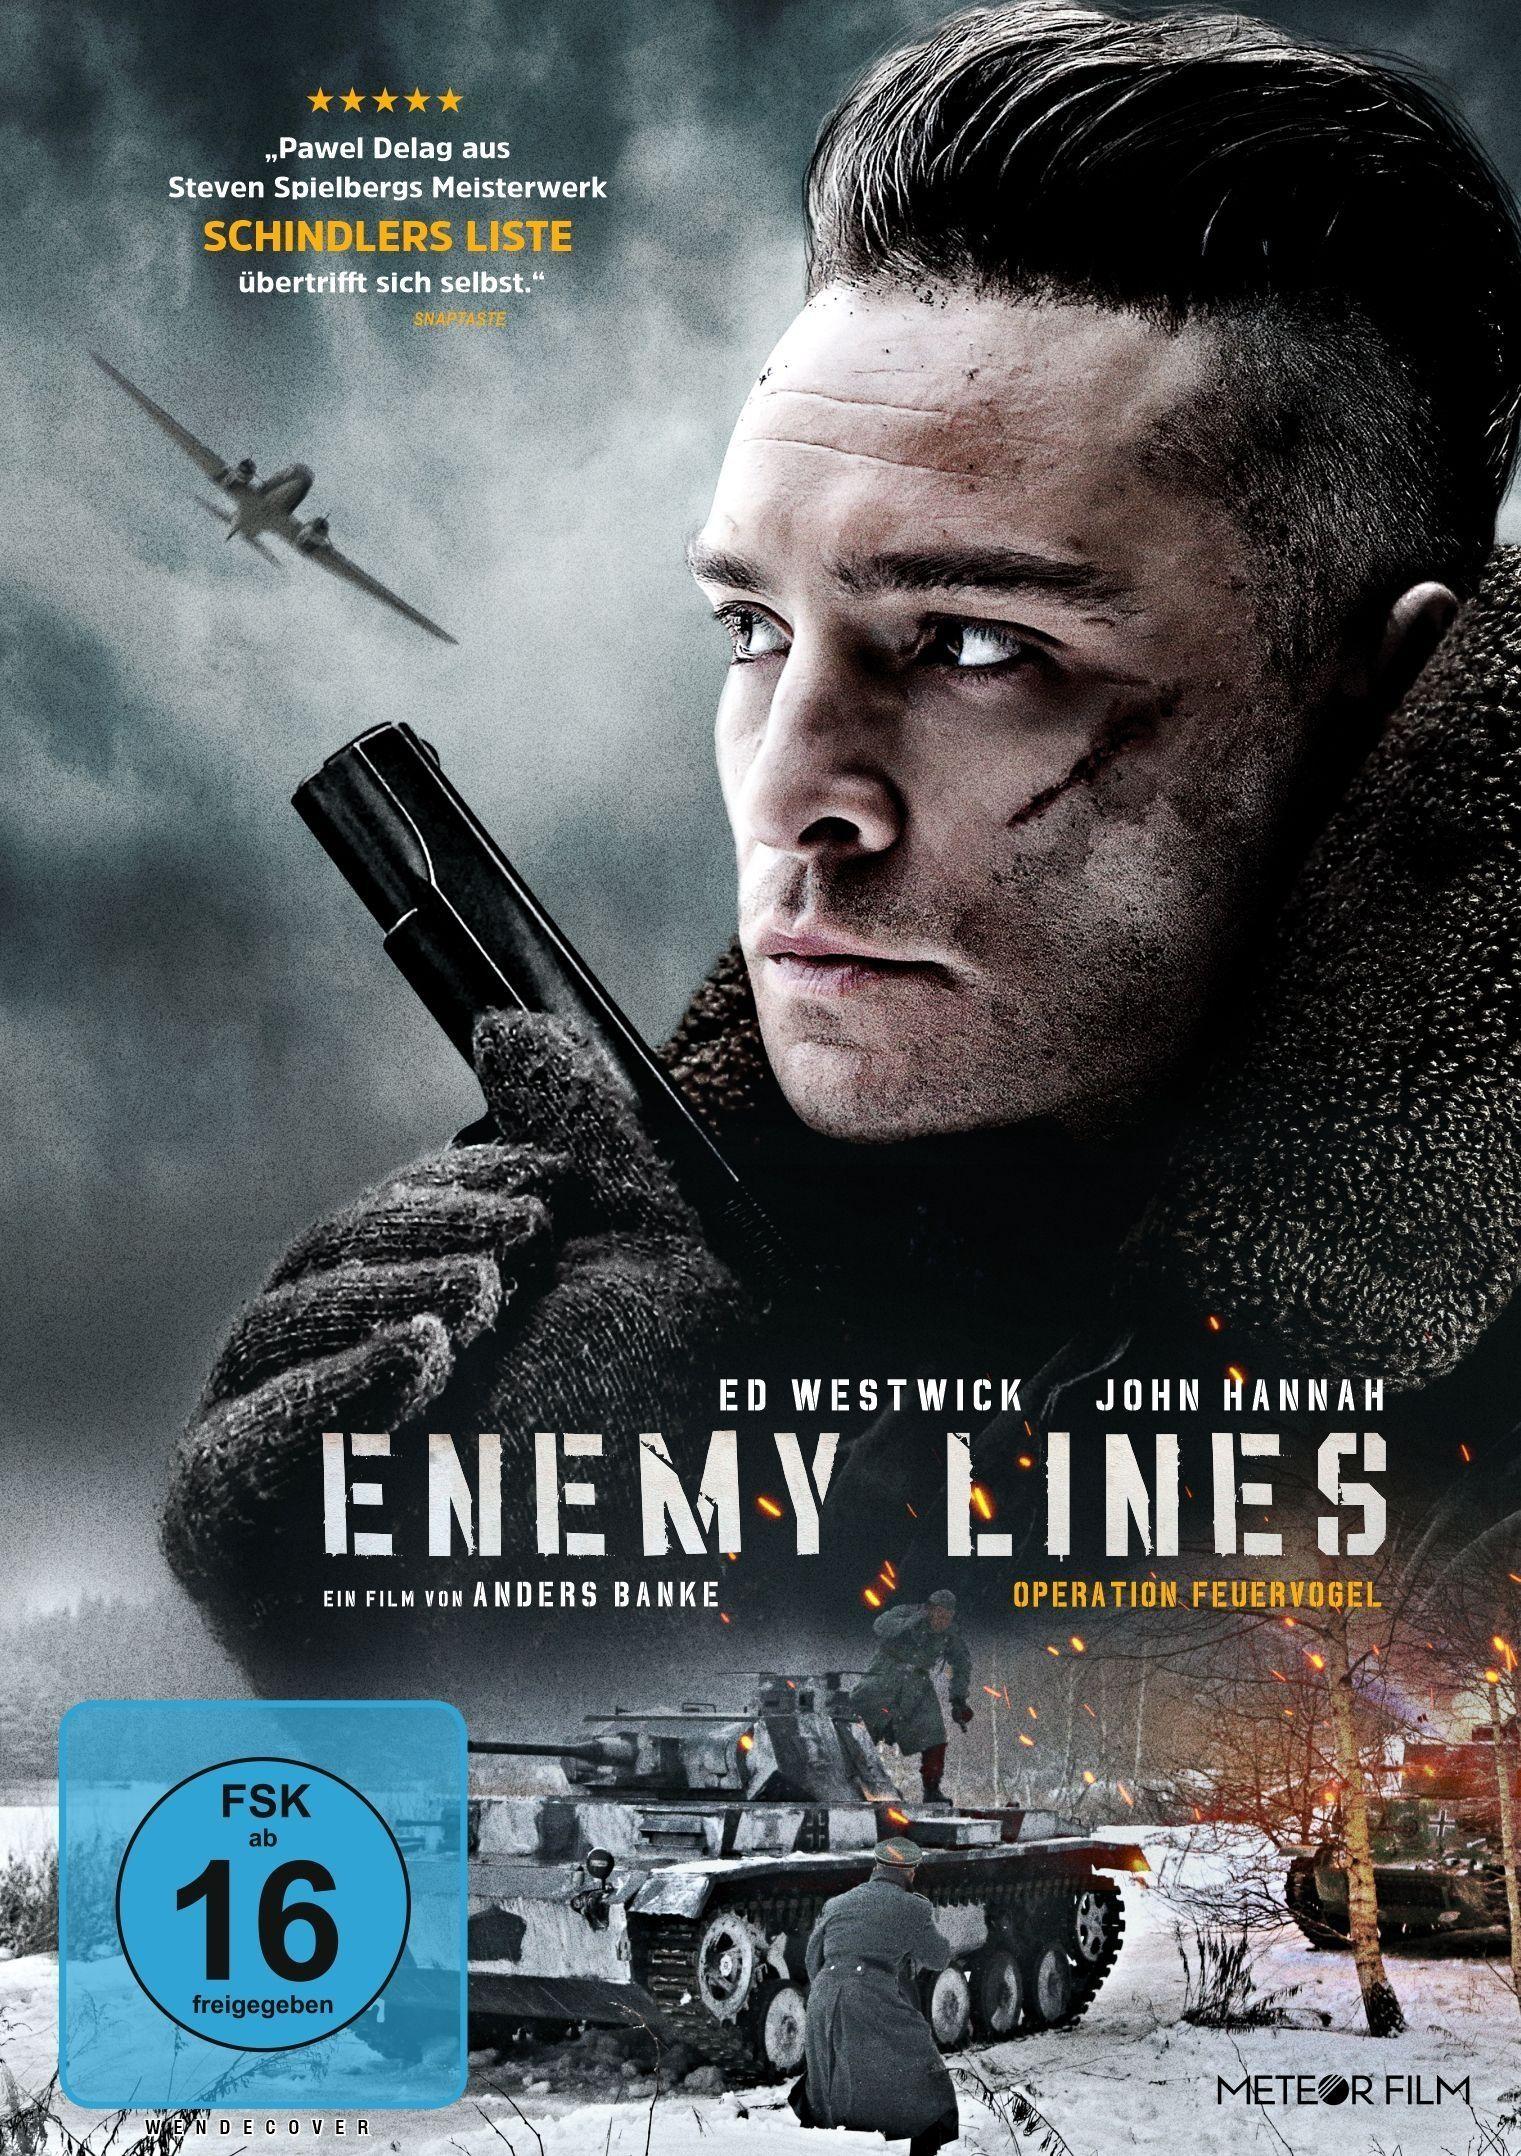 Enemy Lines - Codename Feuervogel